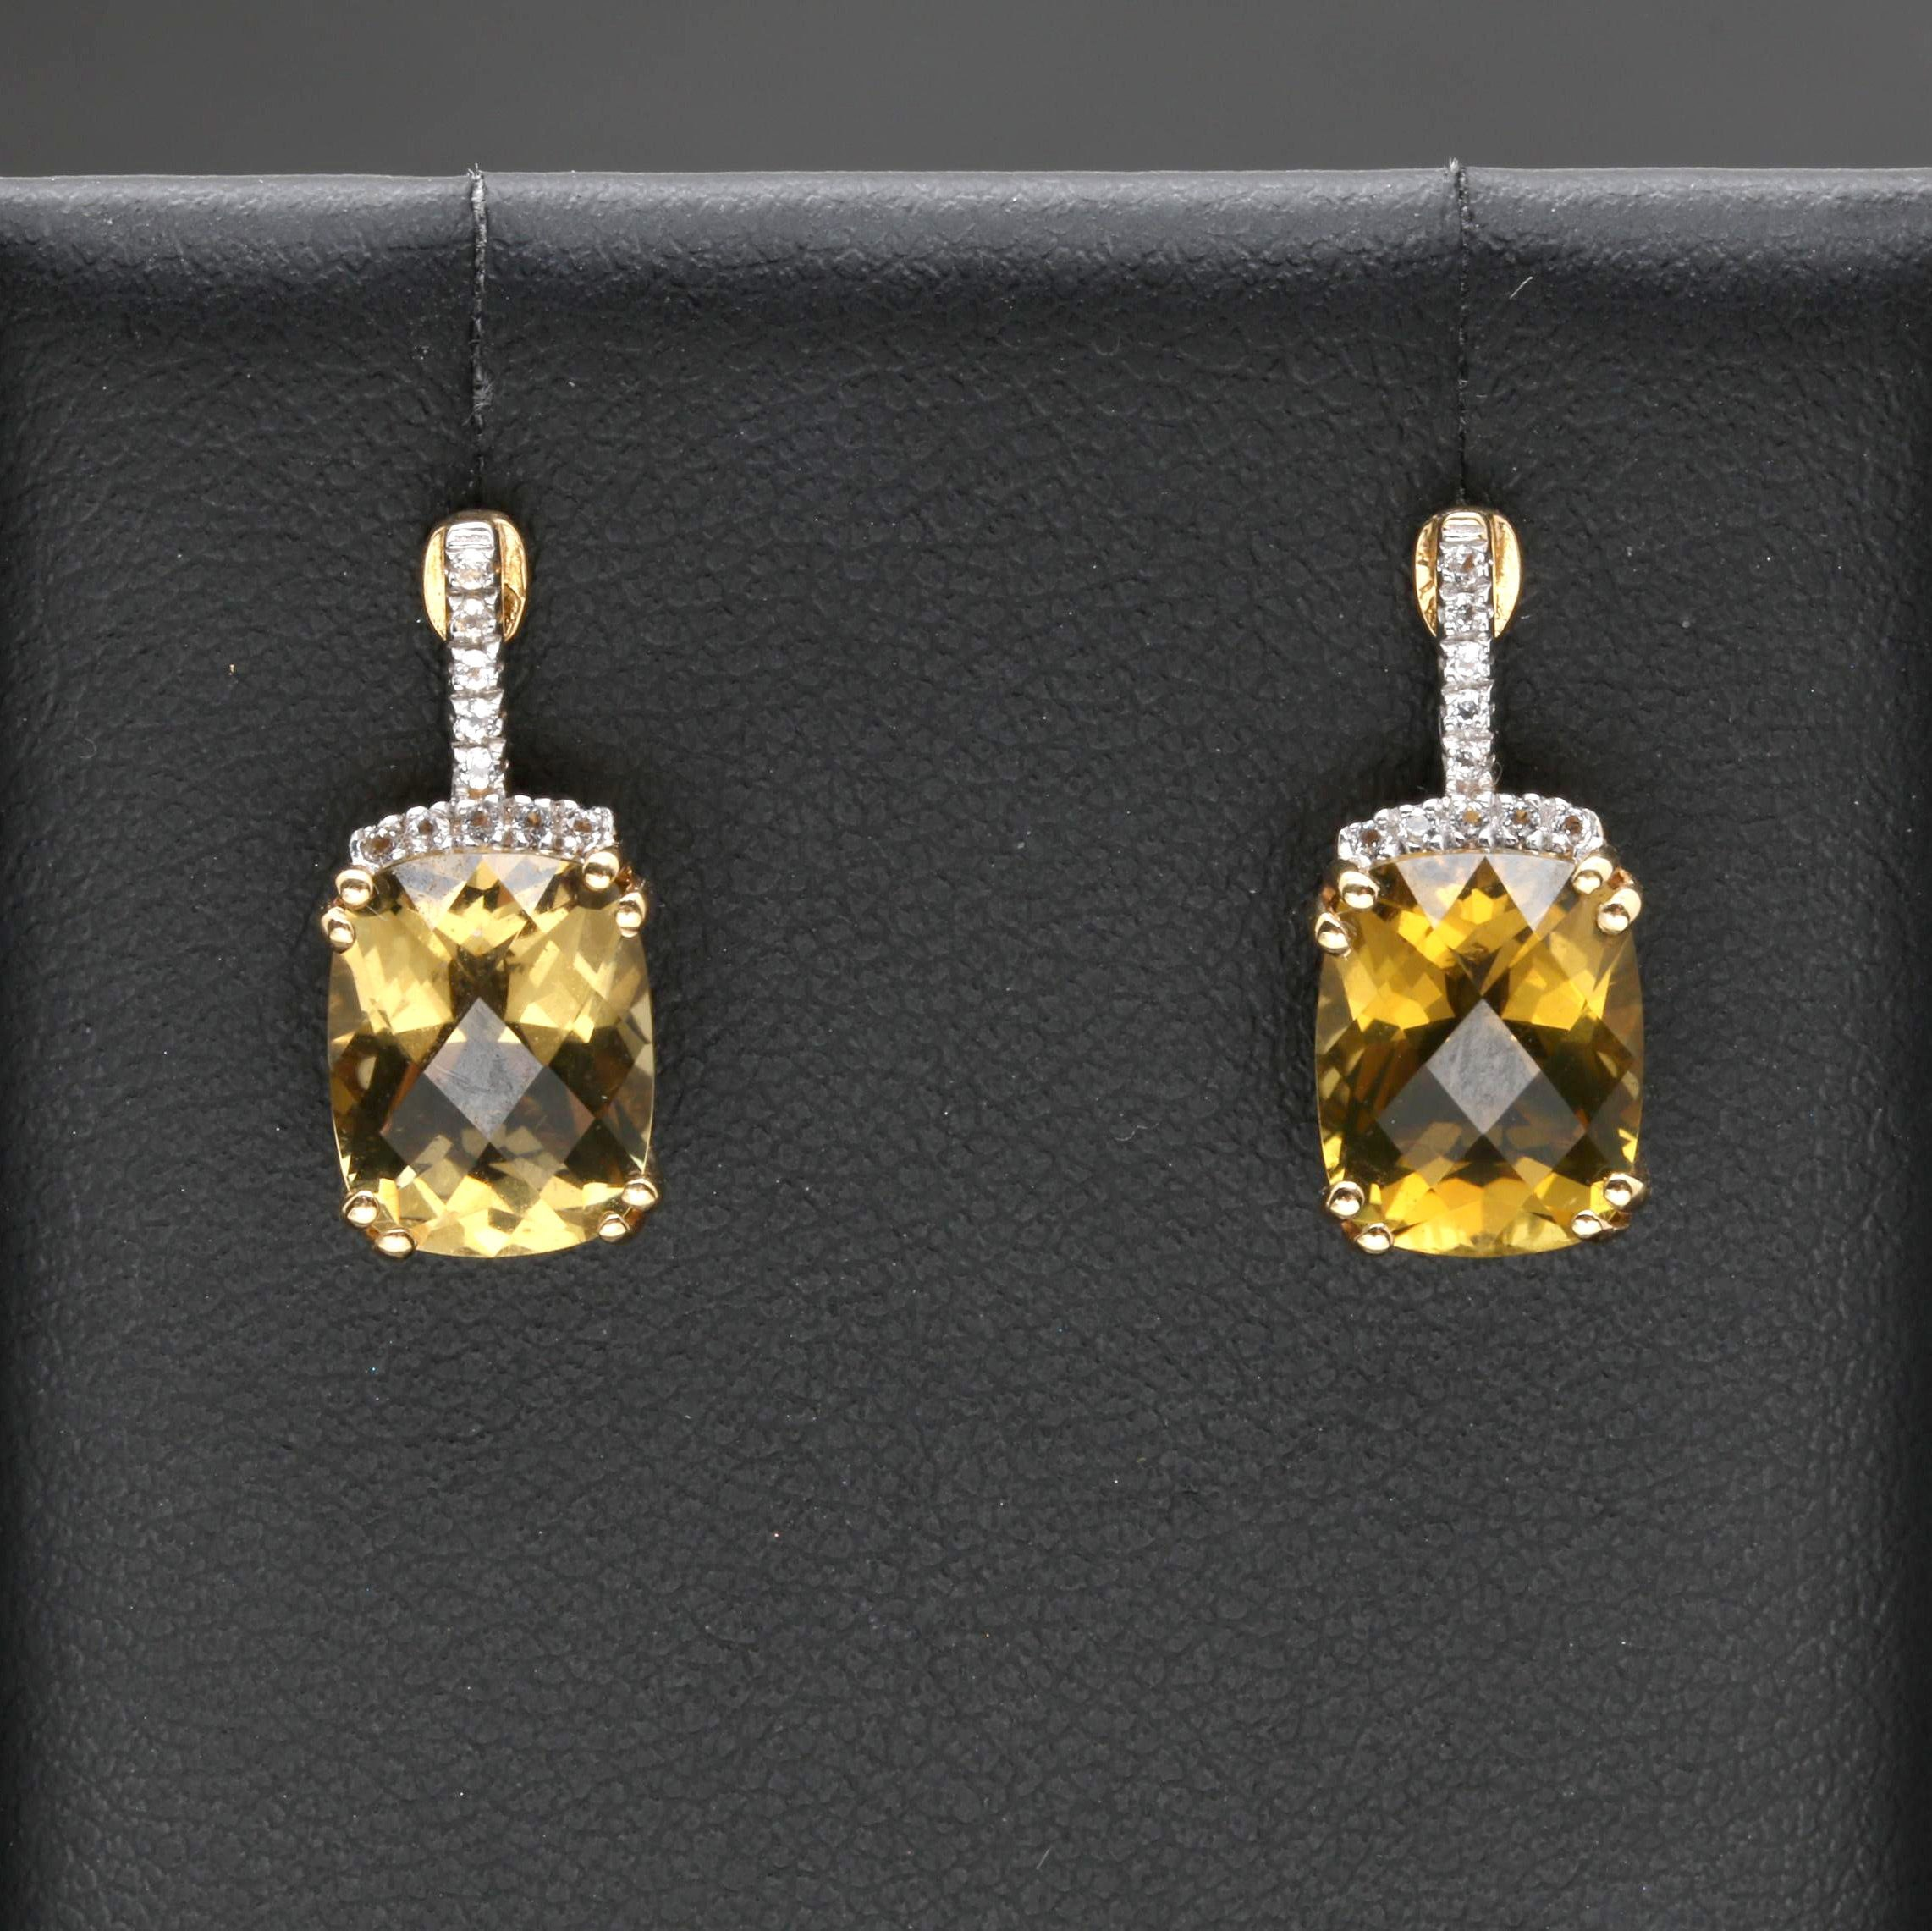 18K Yellow Gold Lemon Citrine and White Topaz Earrings